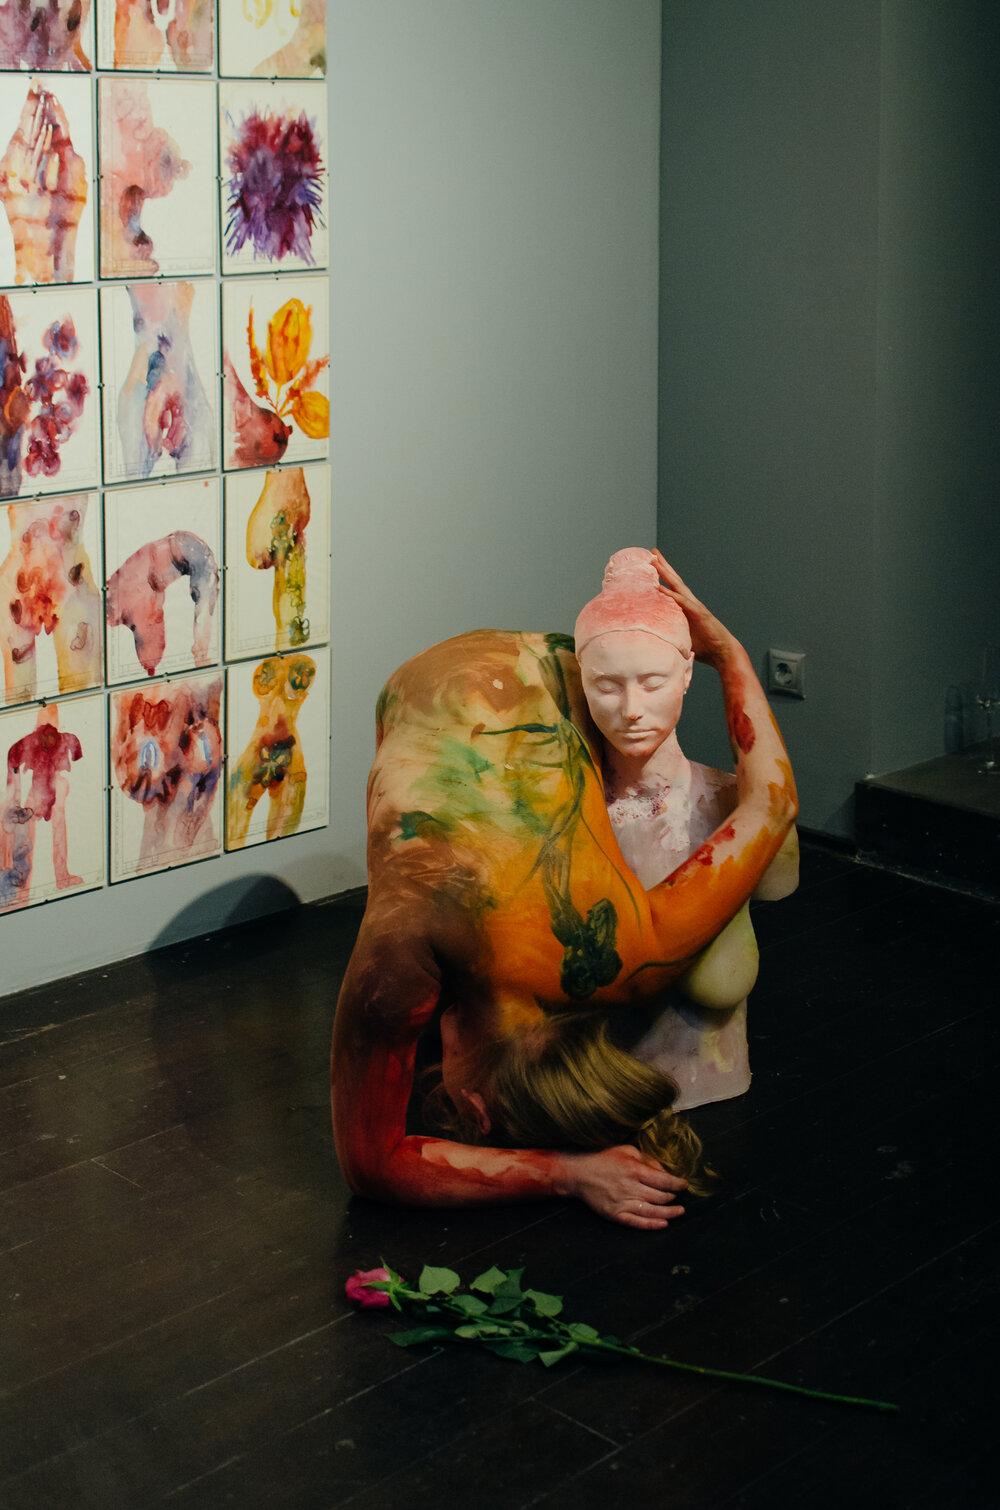 Перформанс Марії з її скульптурами на відкритті виставки «Квіти». Світлина: Олександр Коваленко